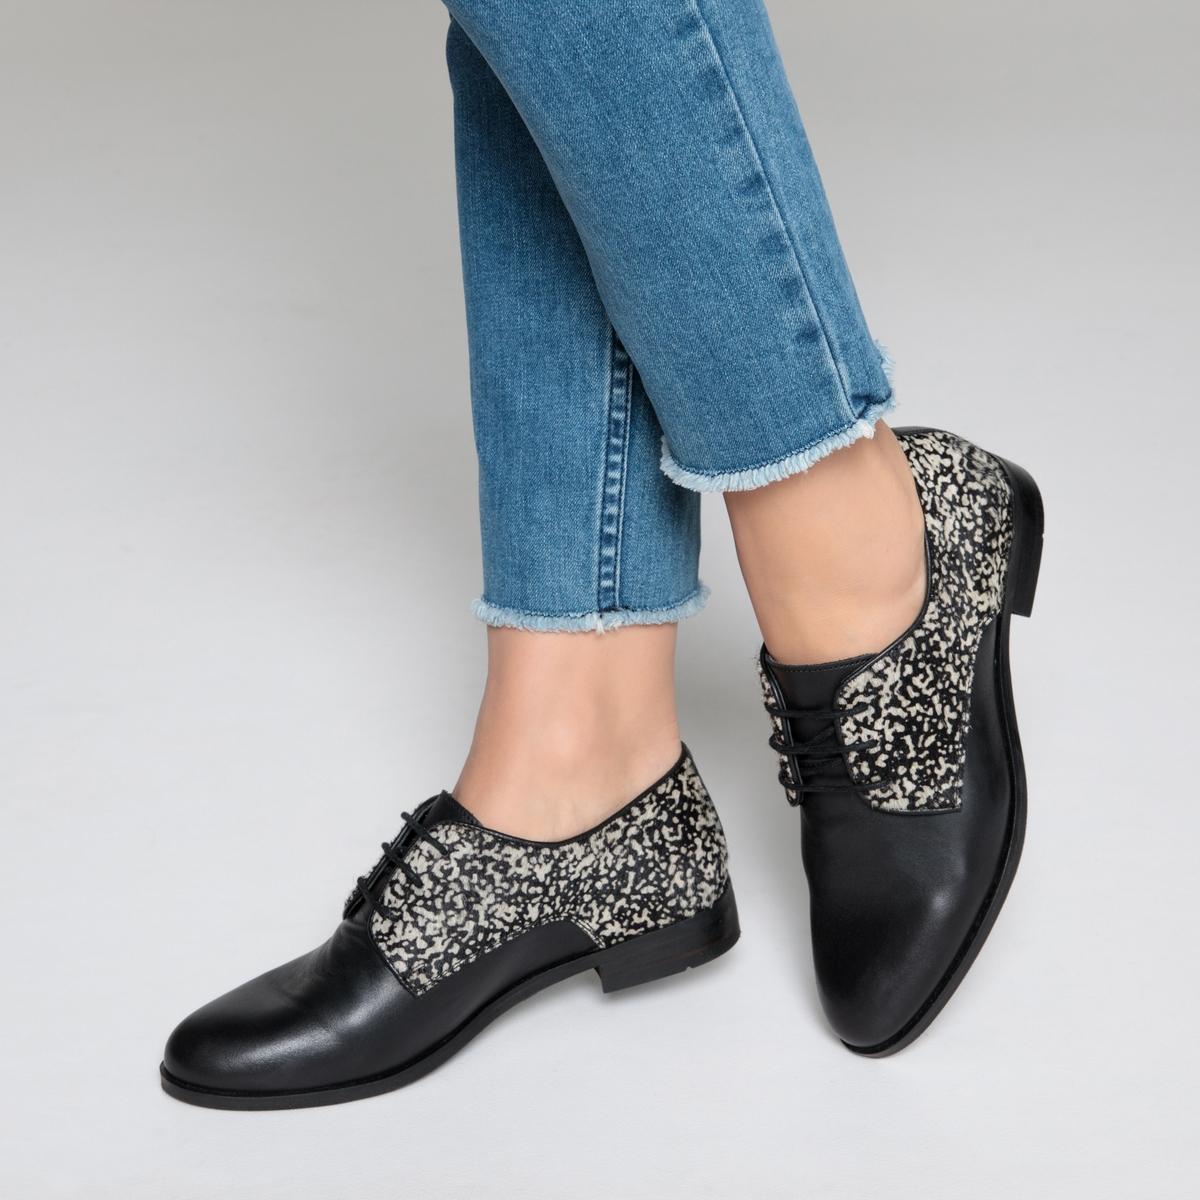 Ботинки-дерби из ворсистой яловичной кожи в горох